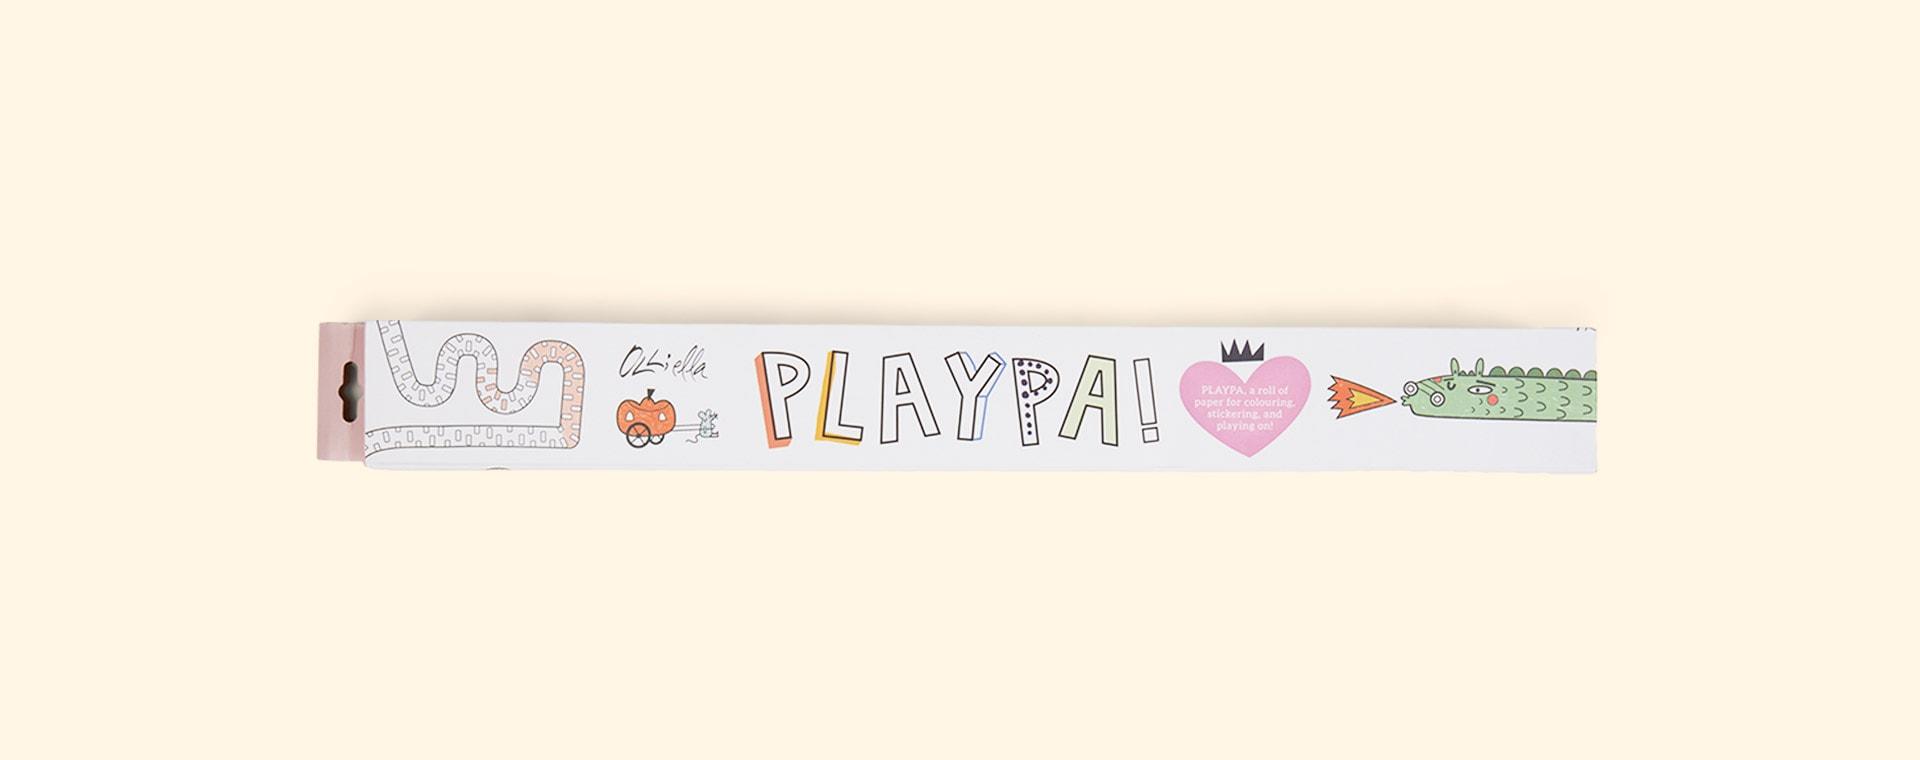 Fairy Tale Olli Ella Playpa Paper Roll